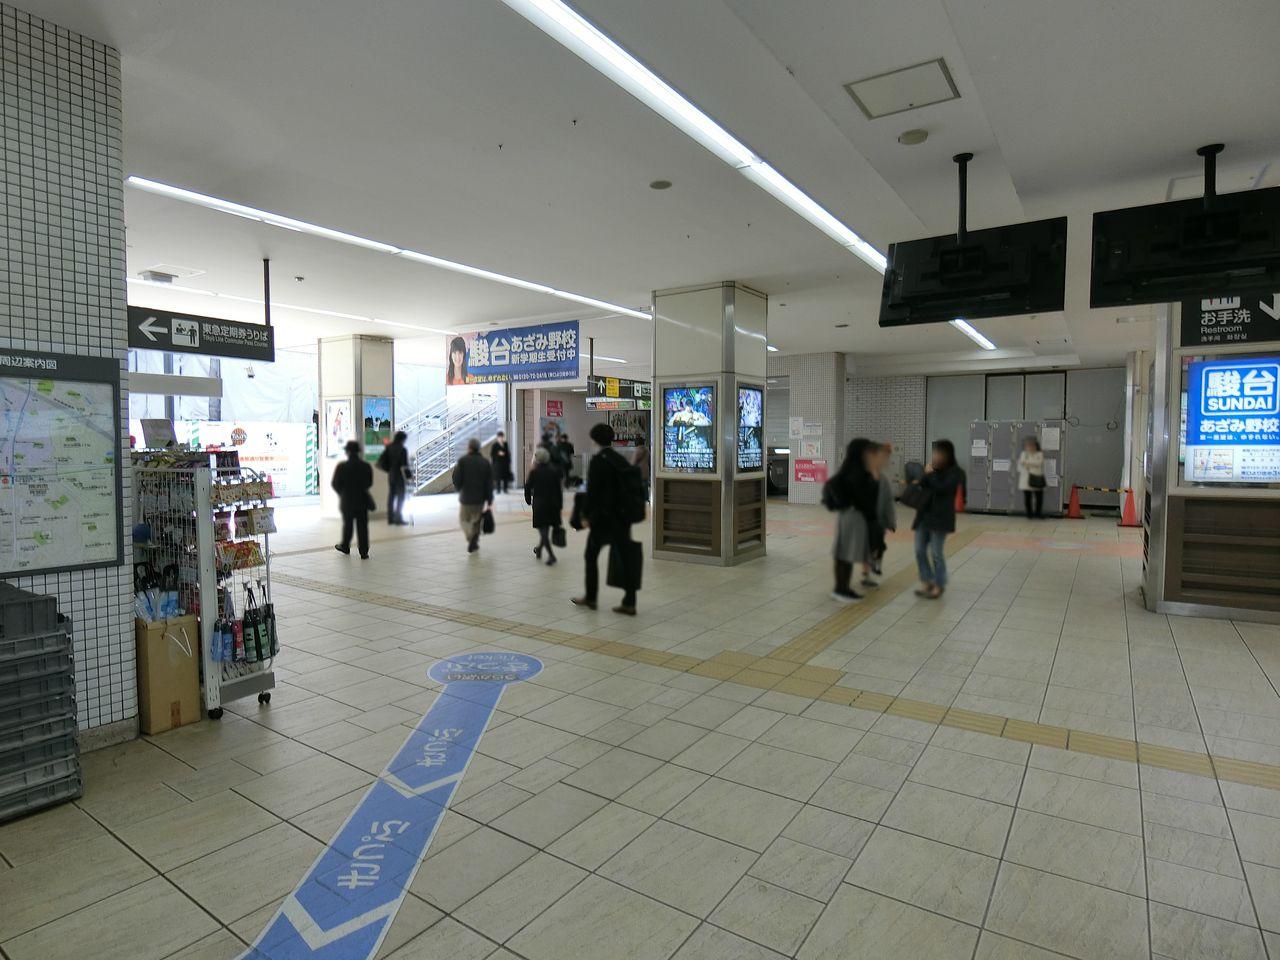 東急田園都市線・市営地下鉄線あざみ野駅駅構内